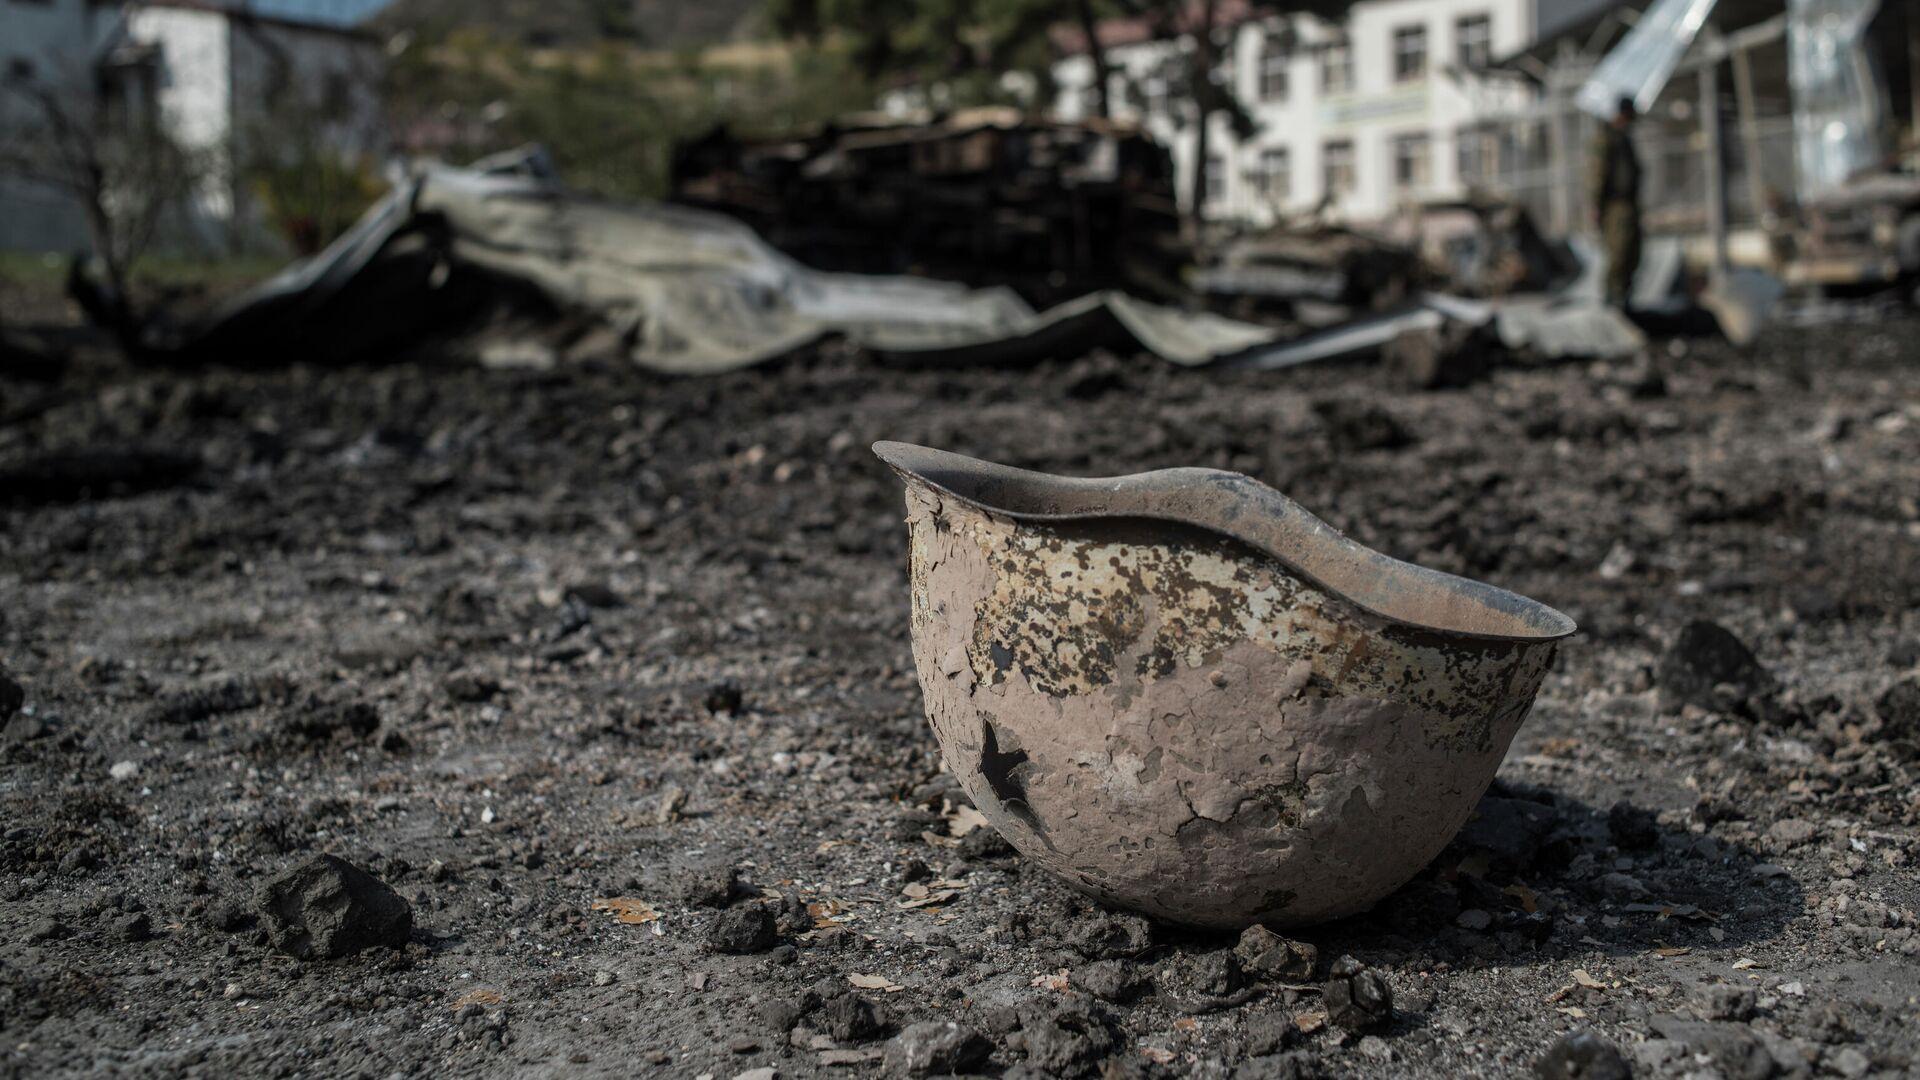 Пробитая каска на территории у госпиталя в Мартакерте, разрушенного в результате обстрела - РИА Новости, 1920, 18.12.2020